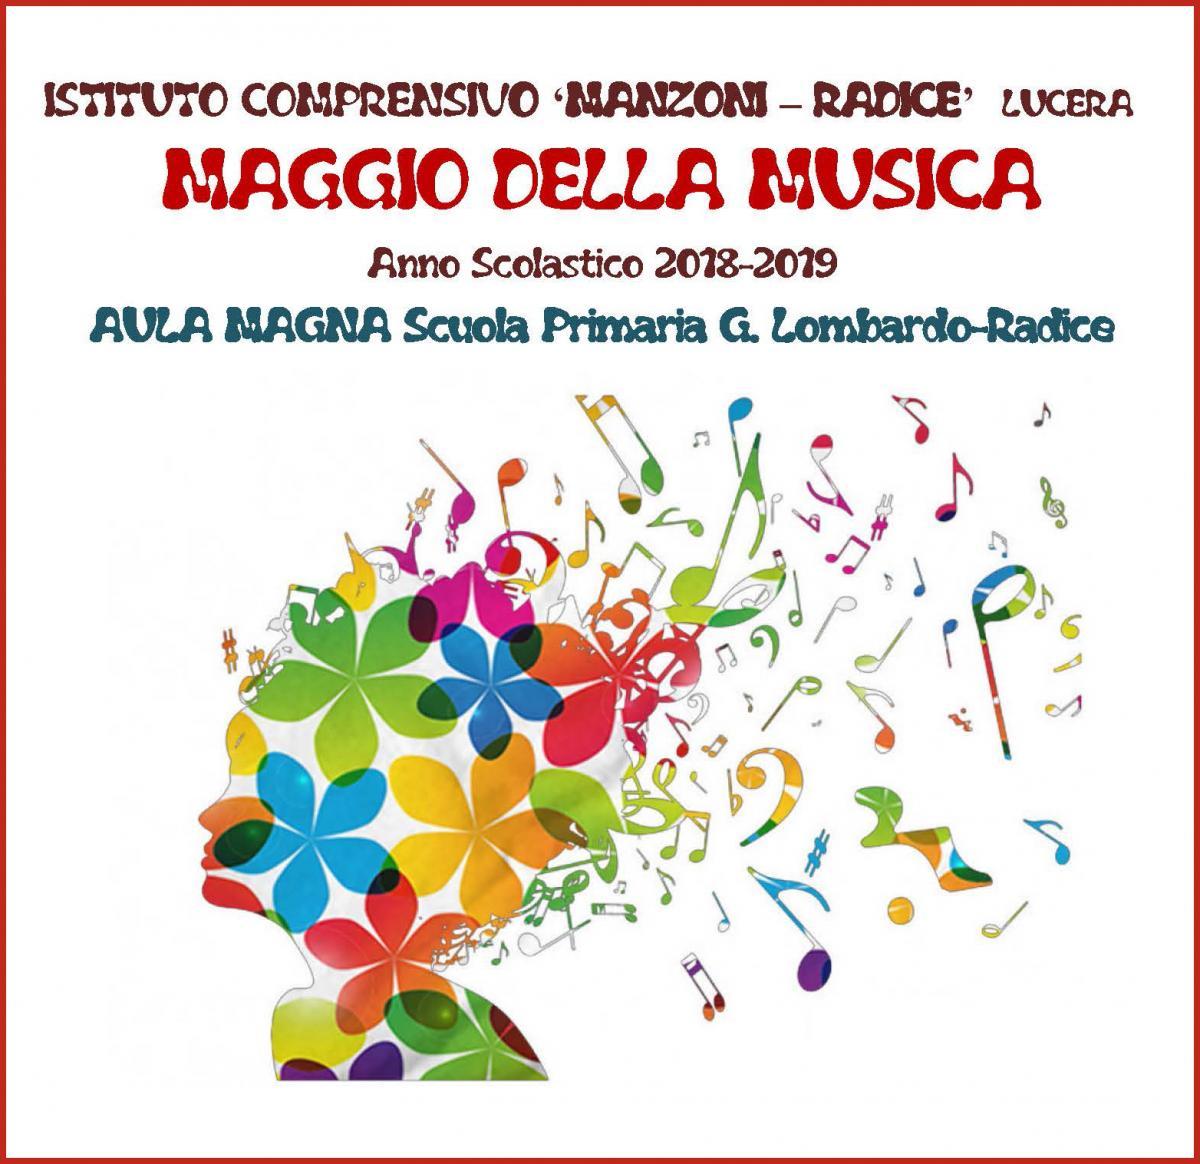 CALENDARIO SAGGI DI MUSICA 2019.jpg